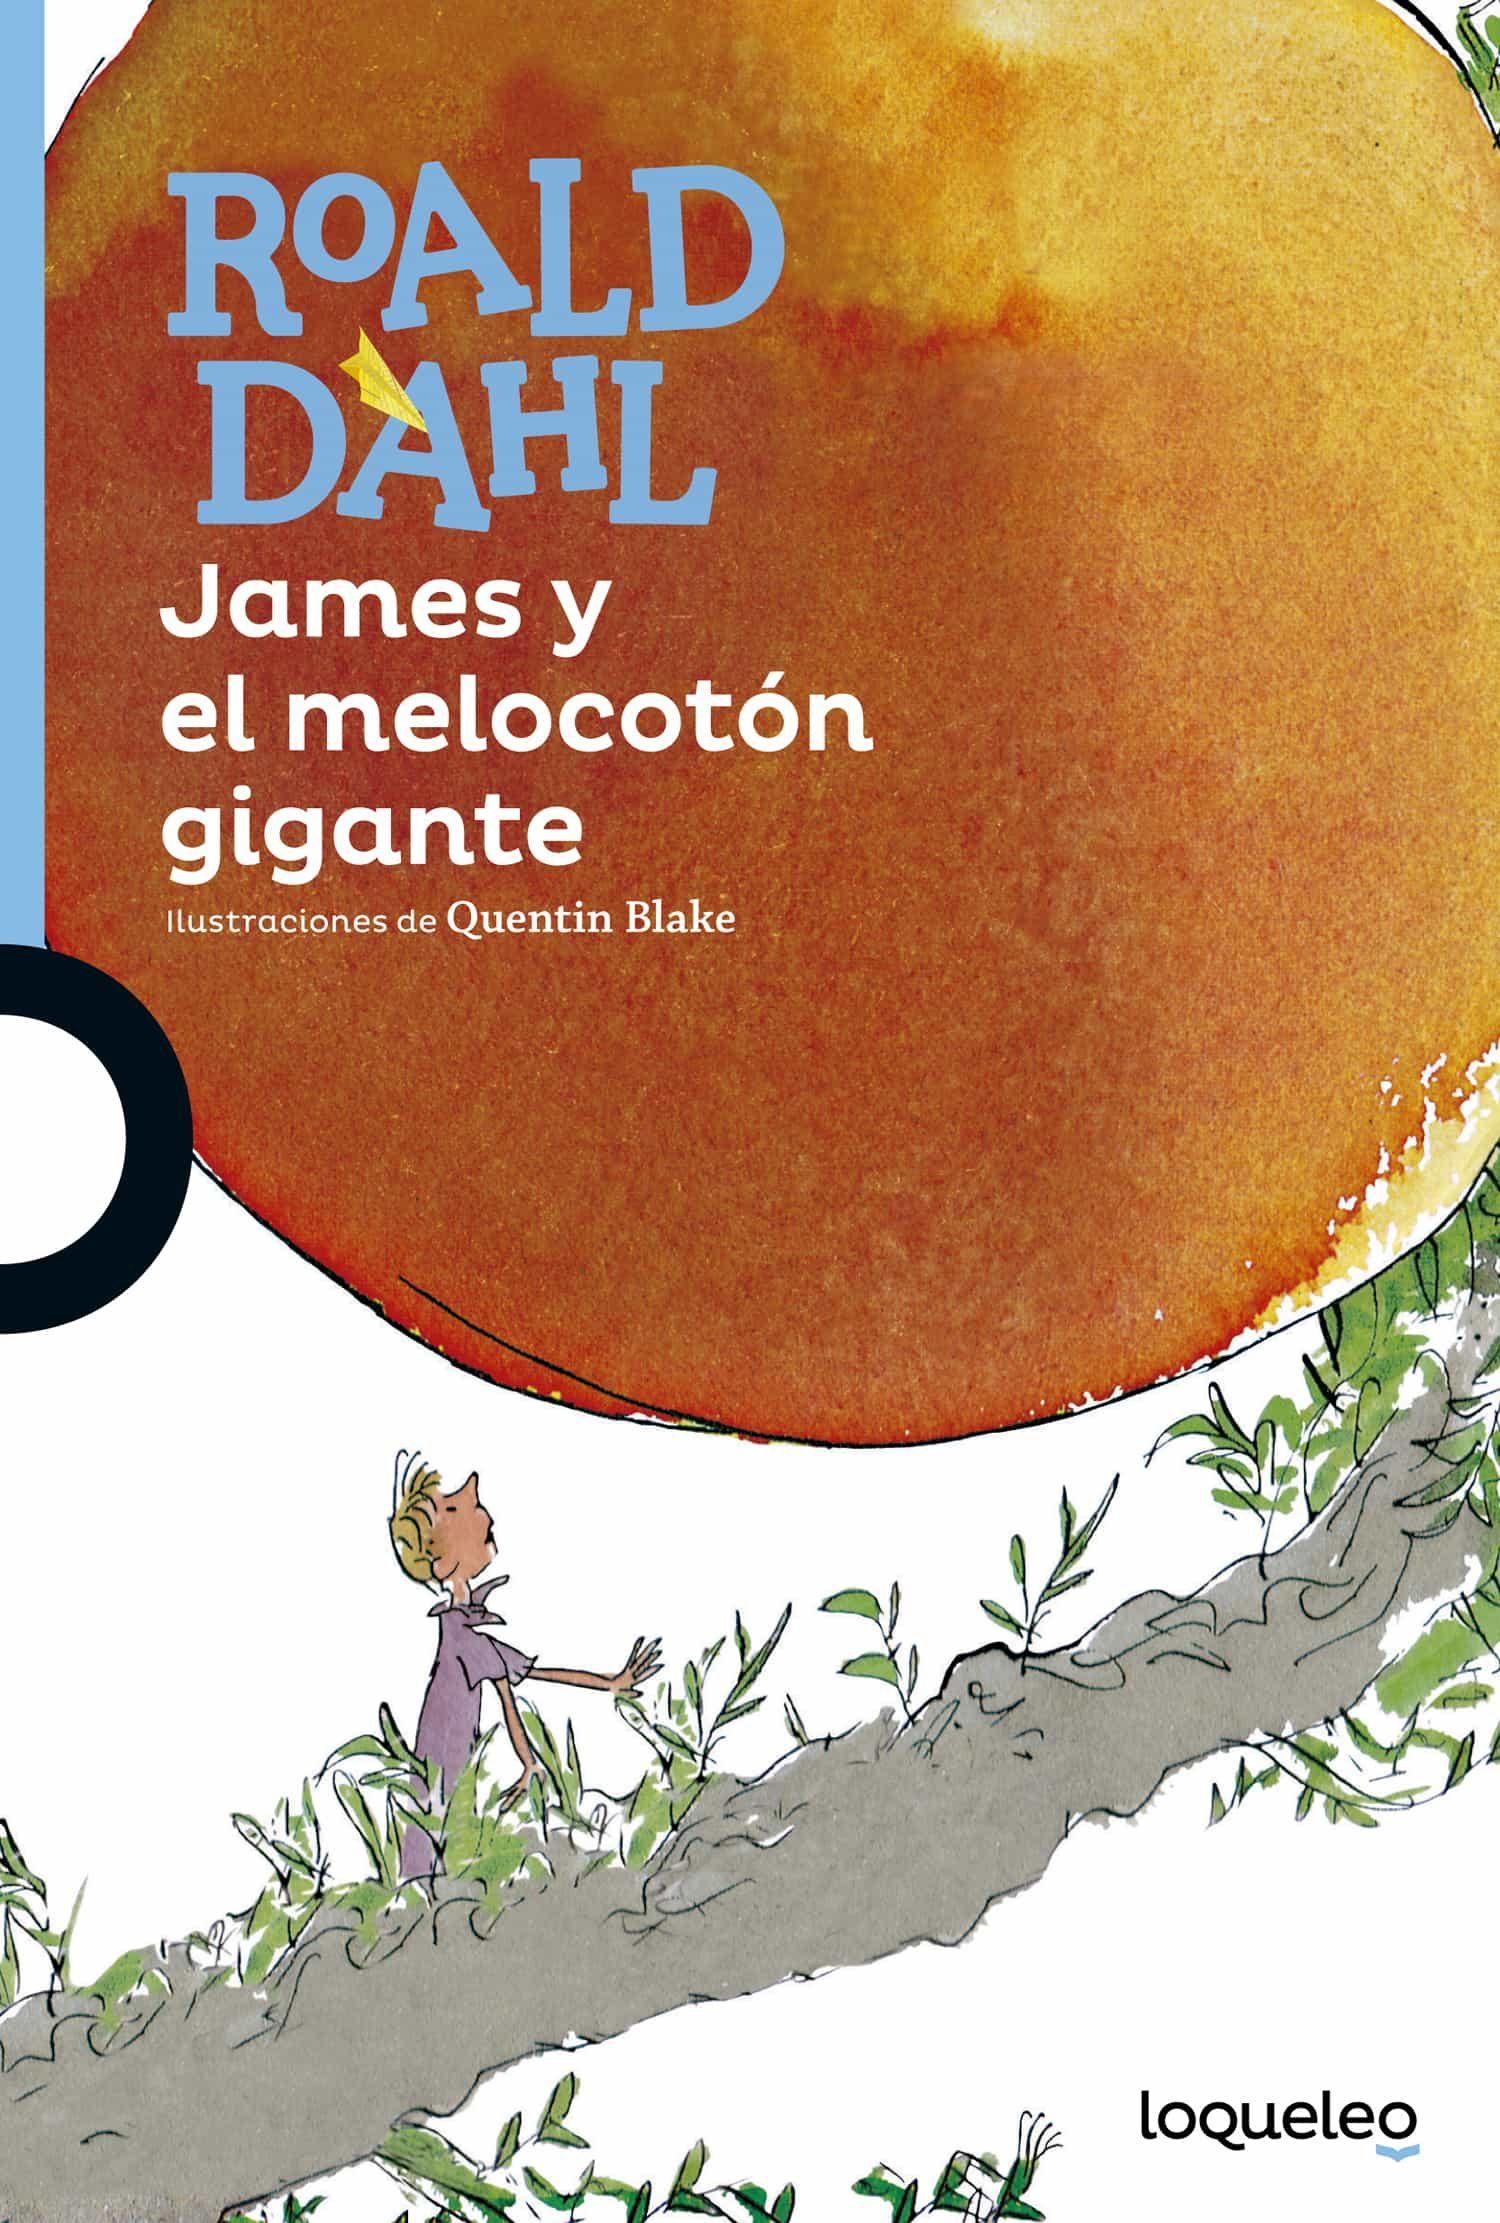 Resultado de imagen de imagenes del libro james y el melocoton gigante